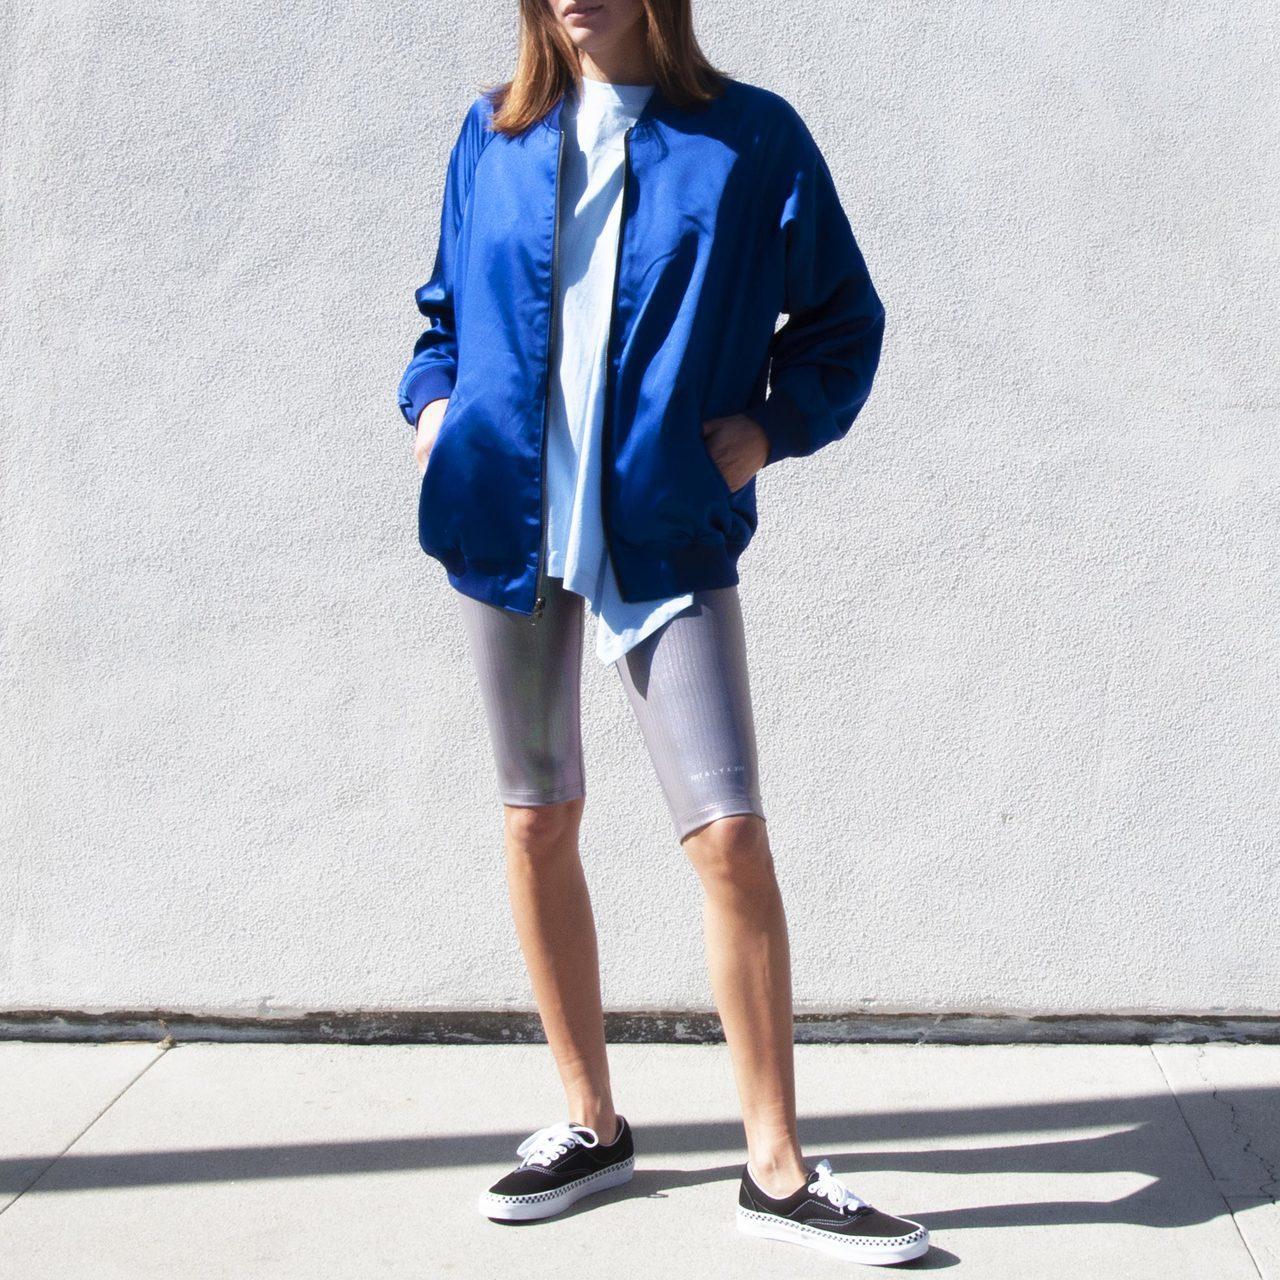 c8c59f7f044ae0 Alyx Nike x MMW Short Training Legging - Silver   Garmentory